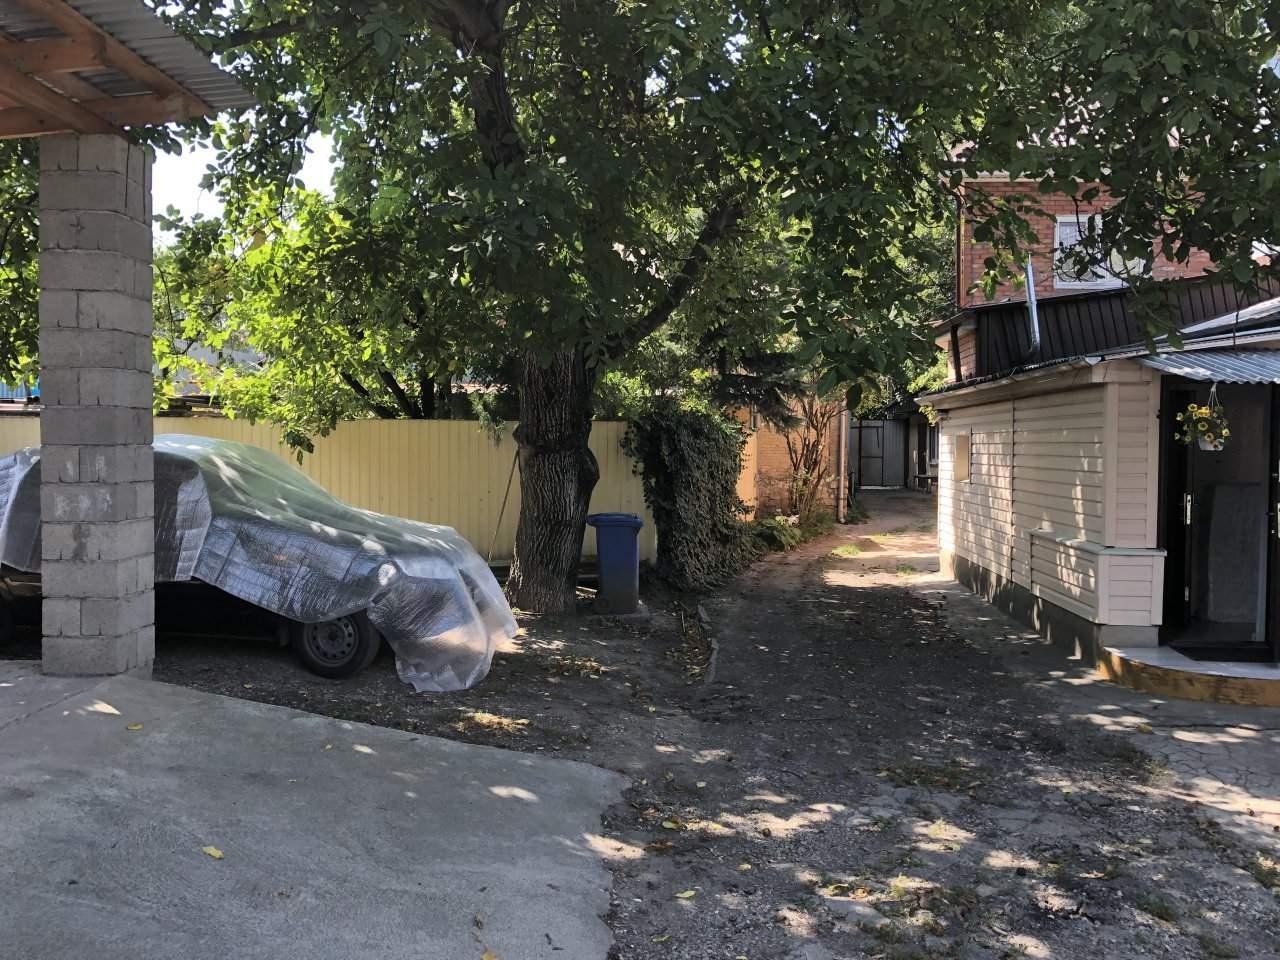 Продажа 1-комнатной квартиры, Пятигорск, Рожанского улица,  д.33